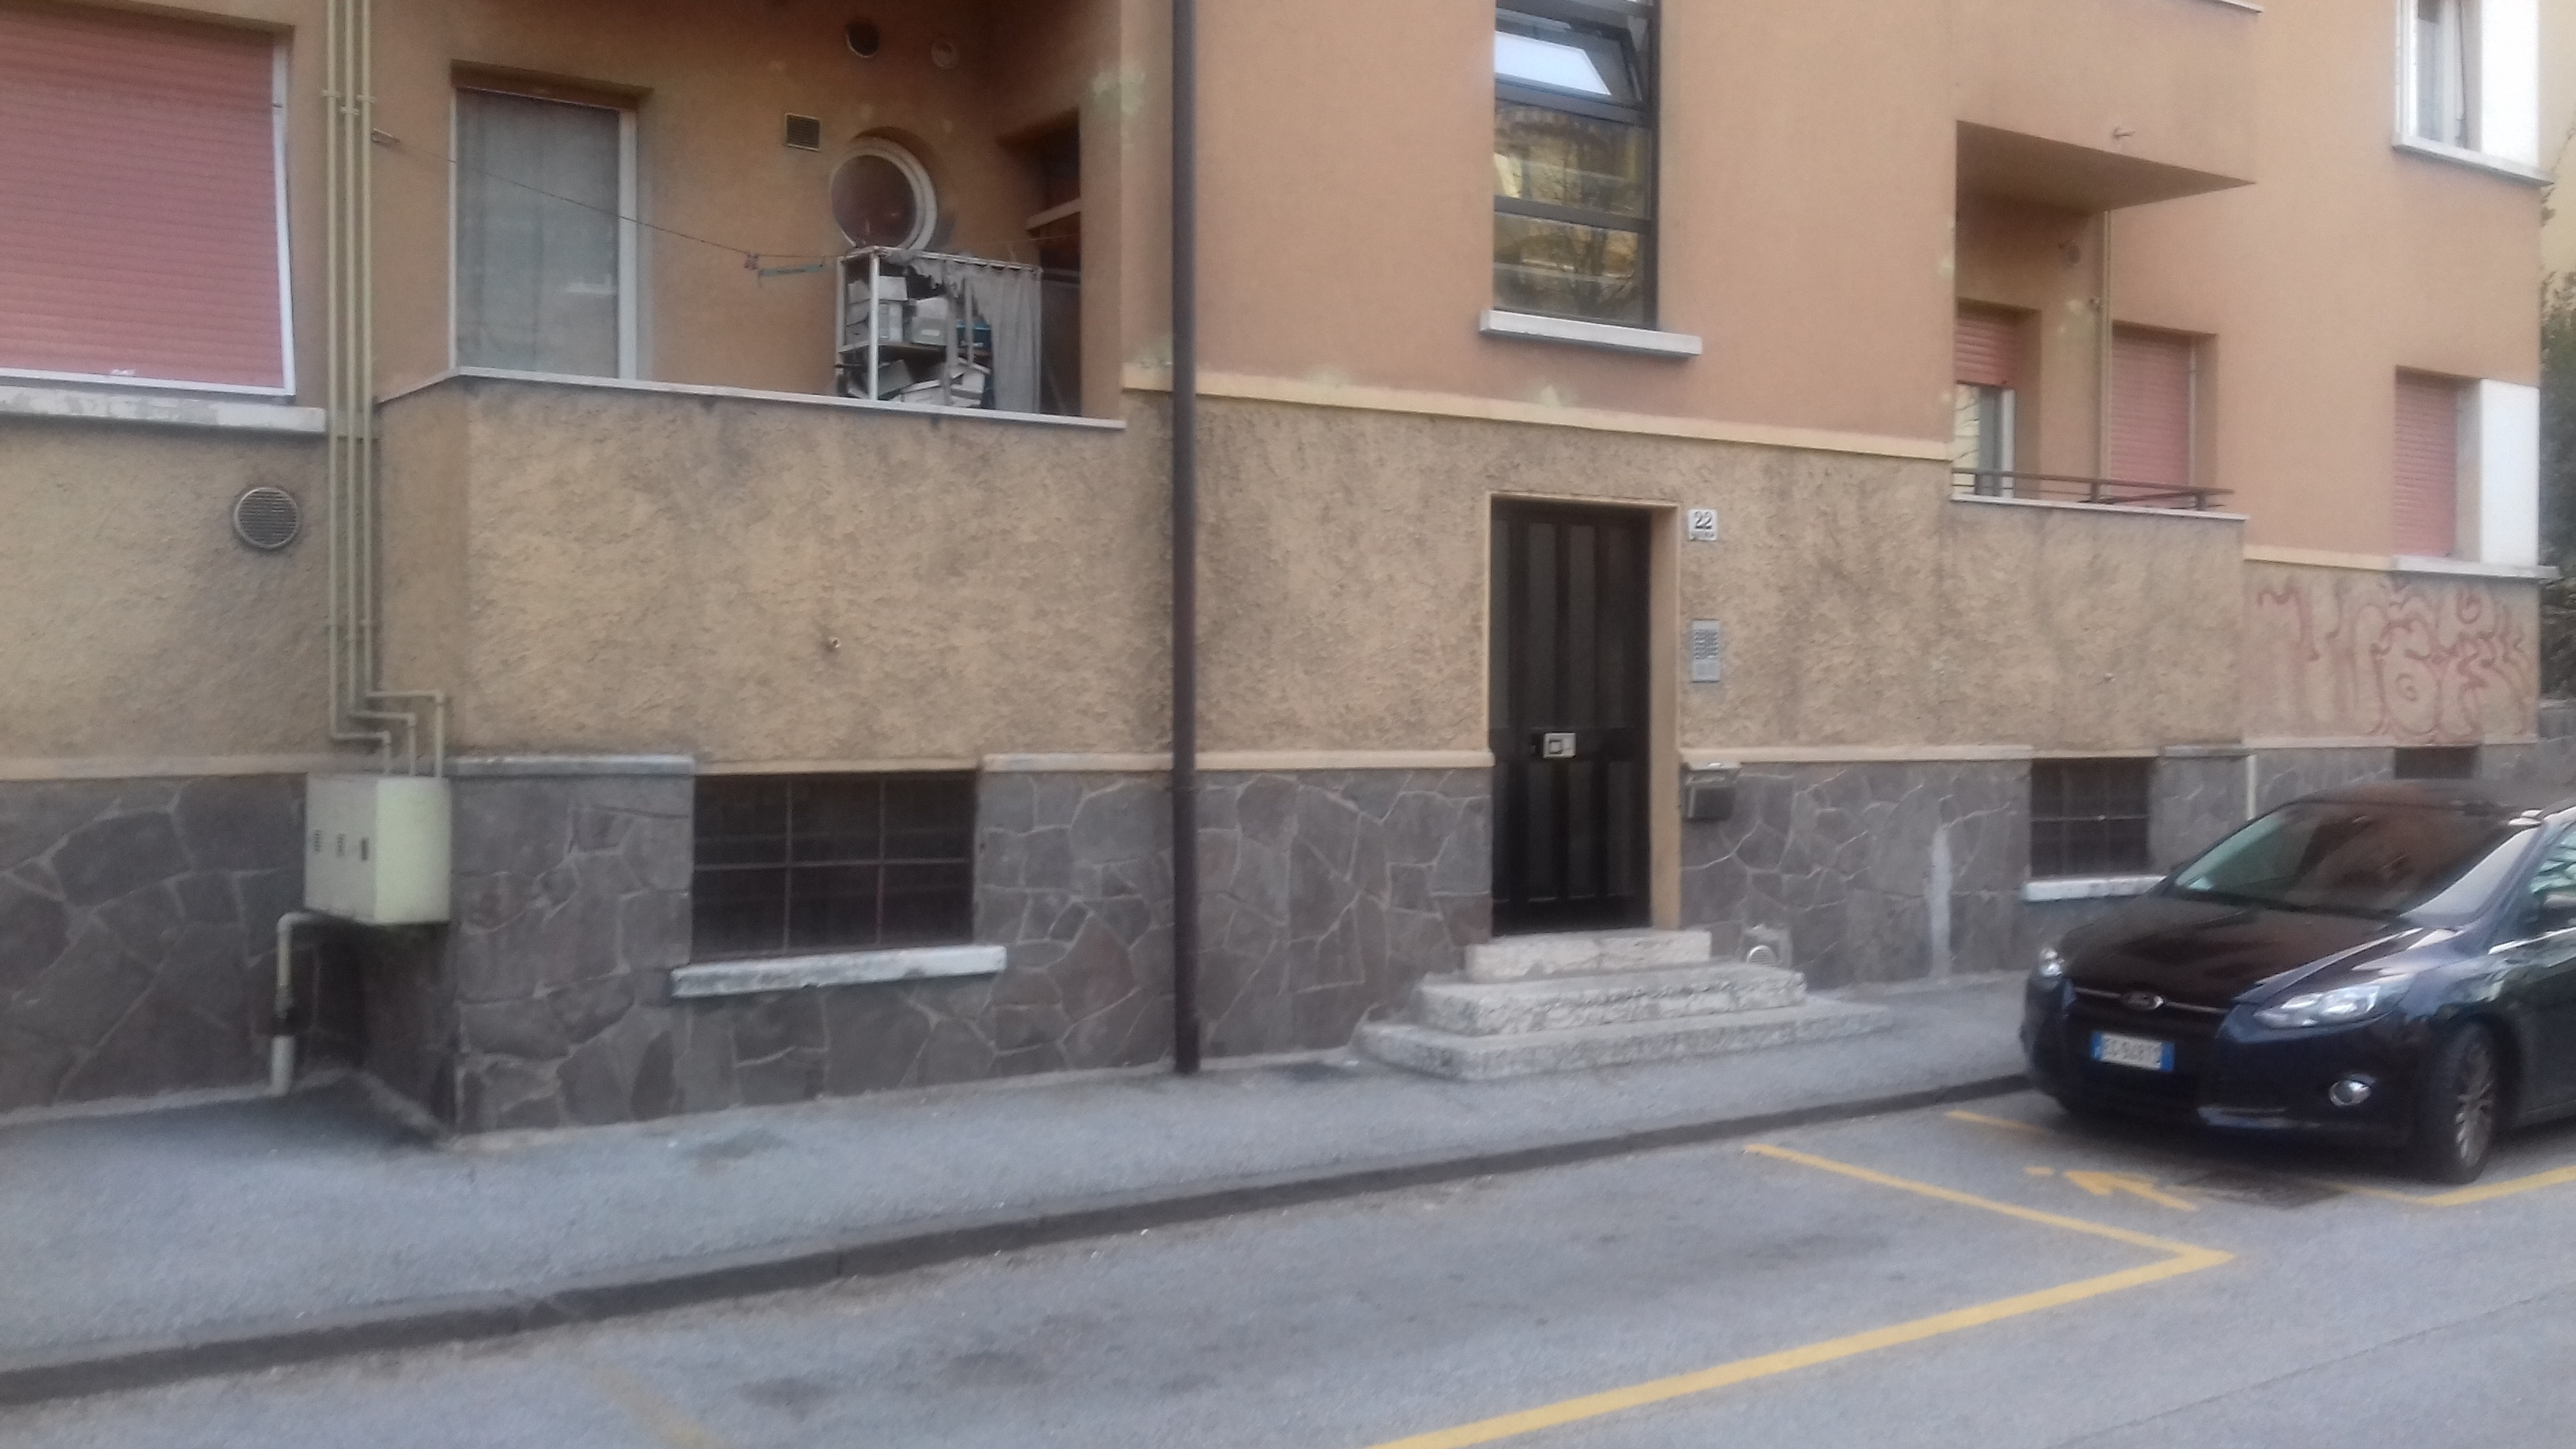 Omicidio a Trento: uomo di 44 anni ucciso da una coltellata